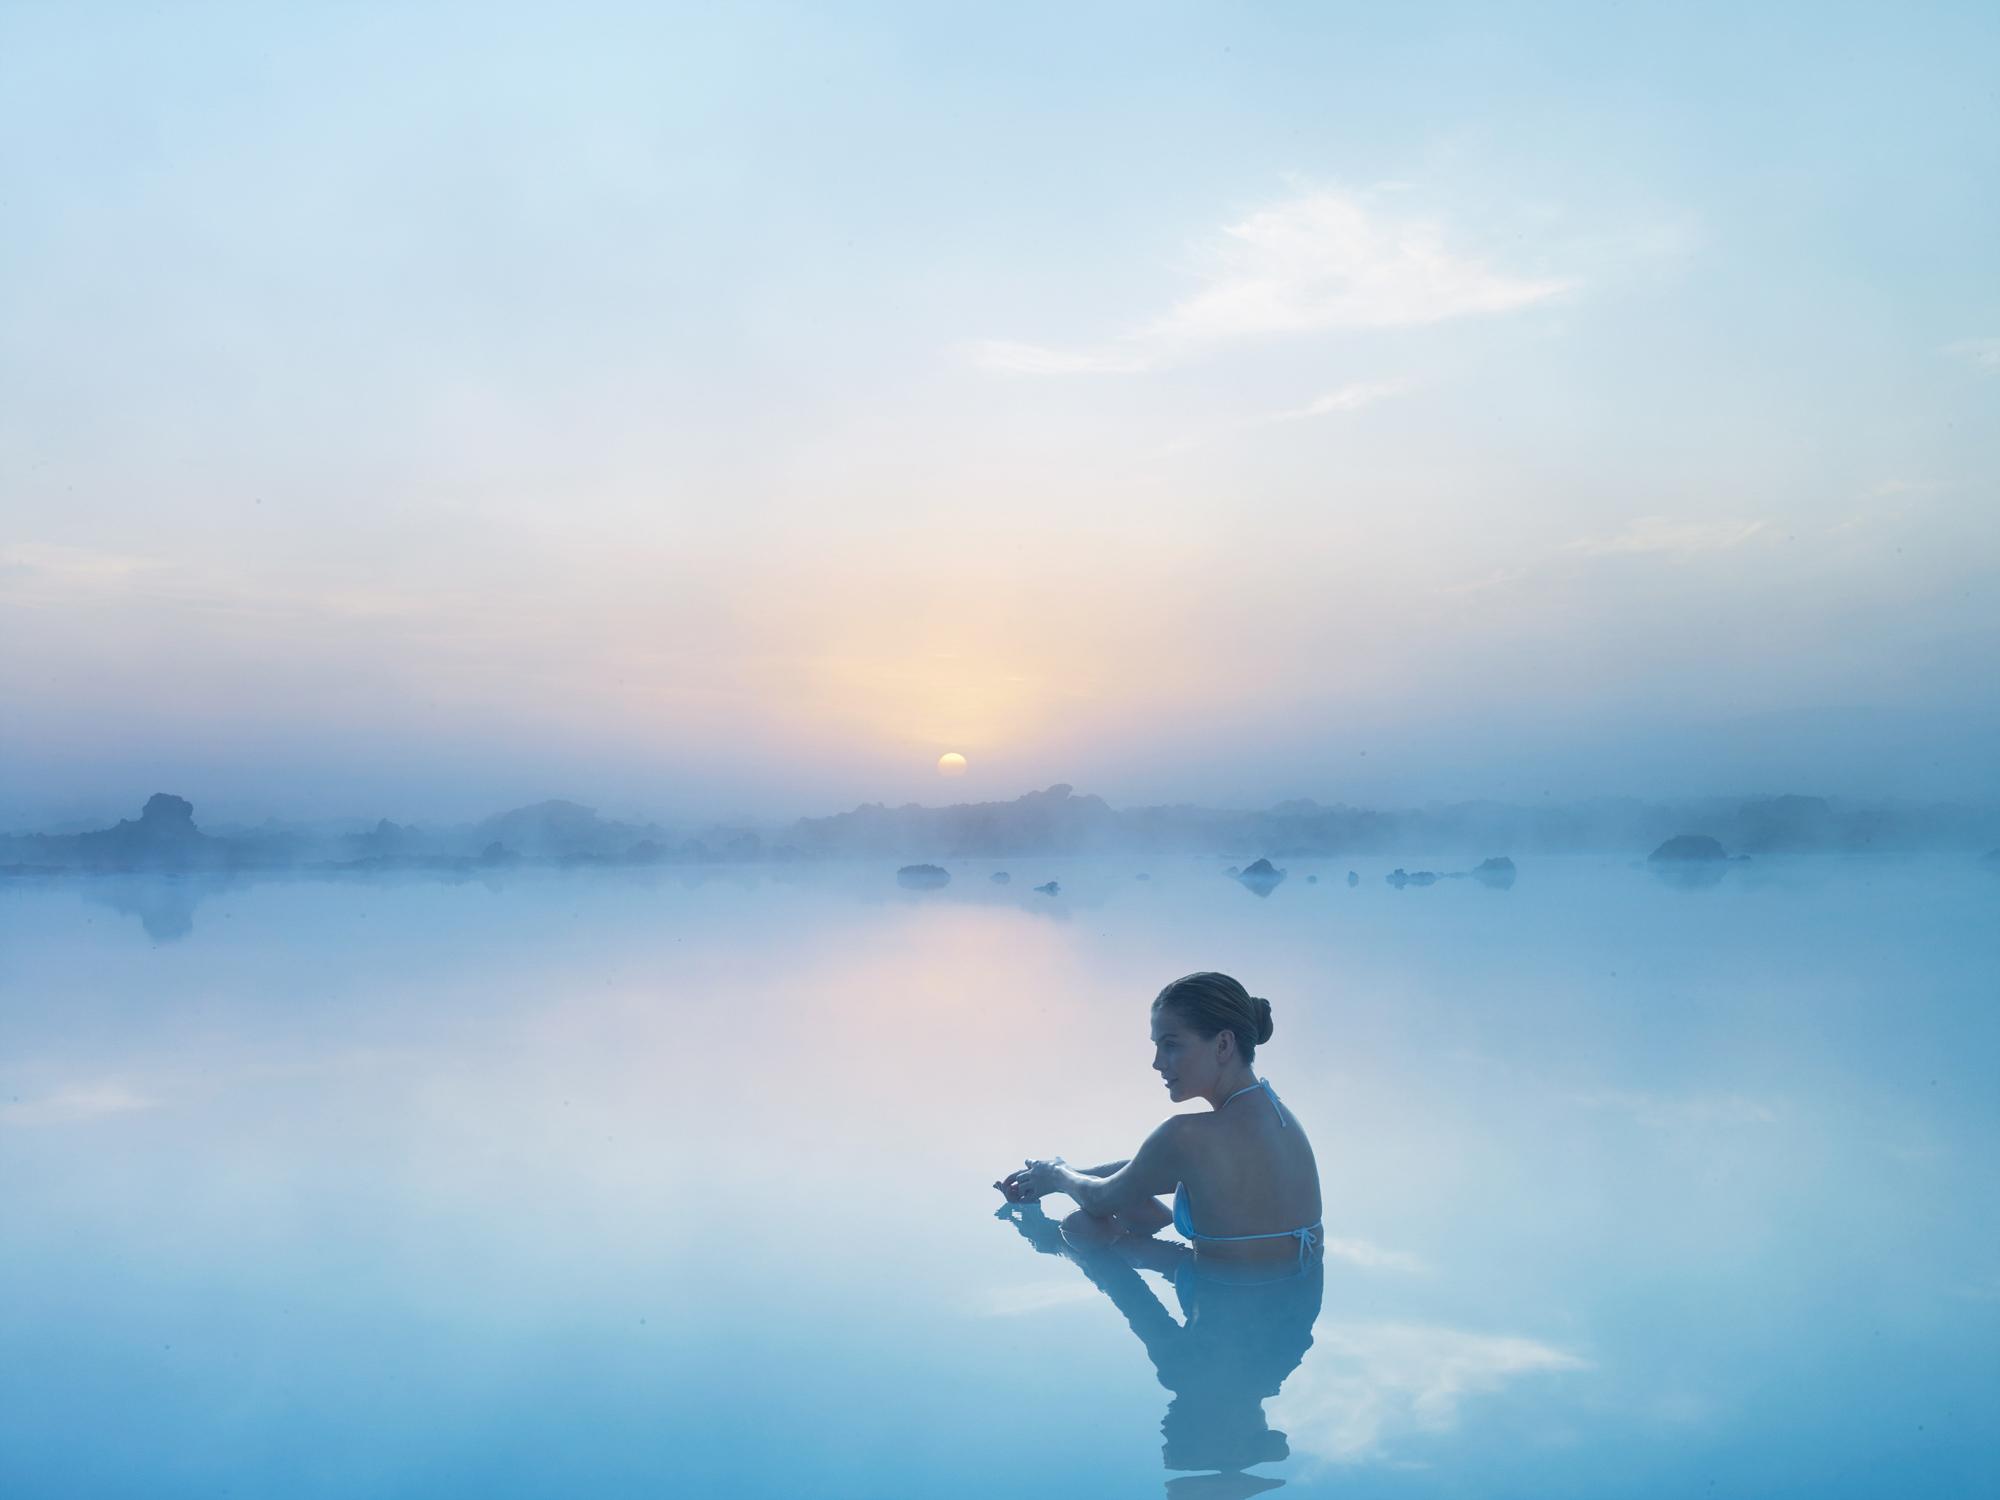 Auf der Halbinsel Reykjanes können Besuchen an zahlreichen Sommeraktivitäten teilnehmen, aber viele entscheiden sich am letzten Tag ihres einwöchigen Abenteuers für ein entspannendes Bad im mineralreichen Wasser der Blauen Lagune.